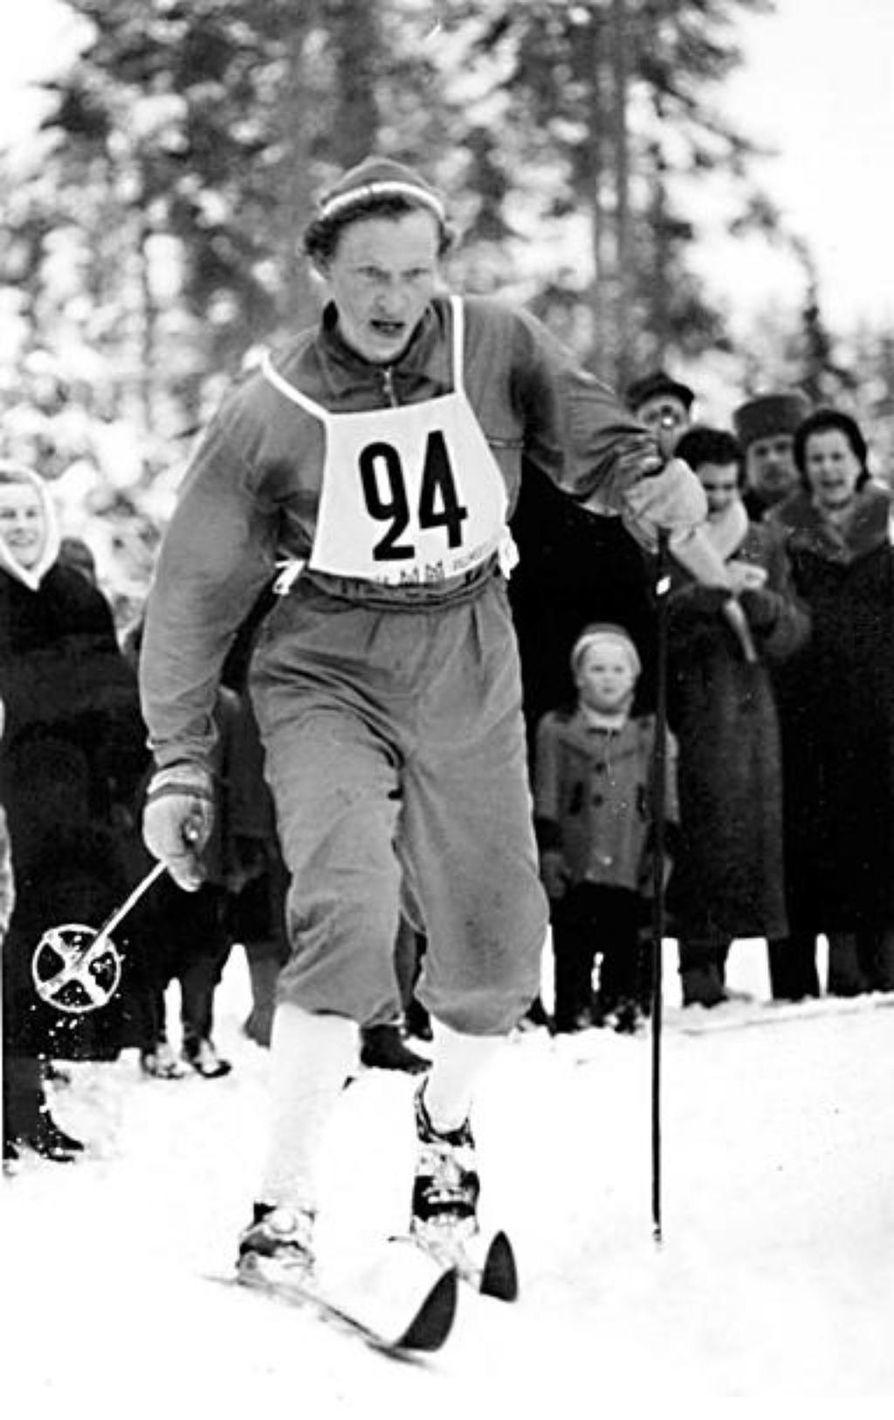 Siiri Rantanen oli ladulla taistelija, joka varmisti Suomelle Cortinan kisoissa 1956 viestijoukkueen ankkurina yllätyskullan. Kuva vuoden 1958 Lahden MM-kisoista.